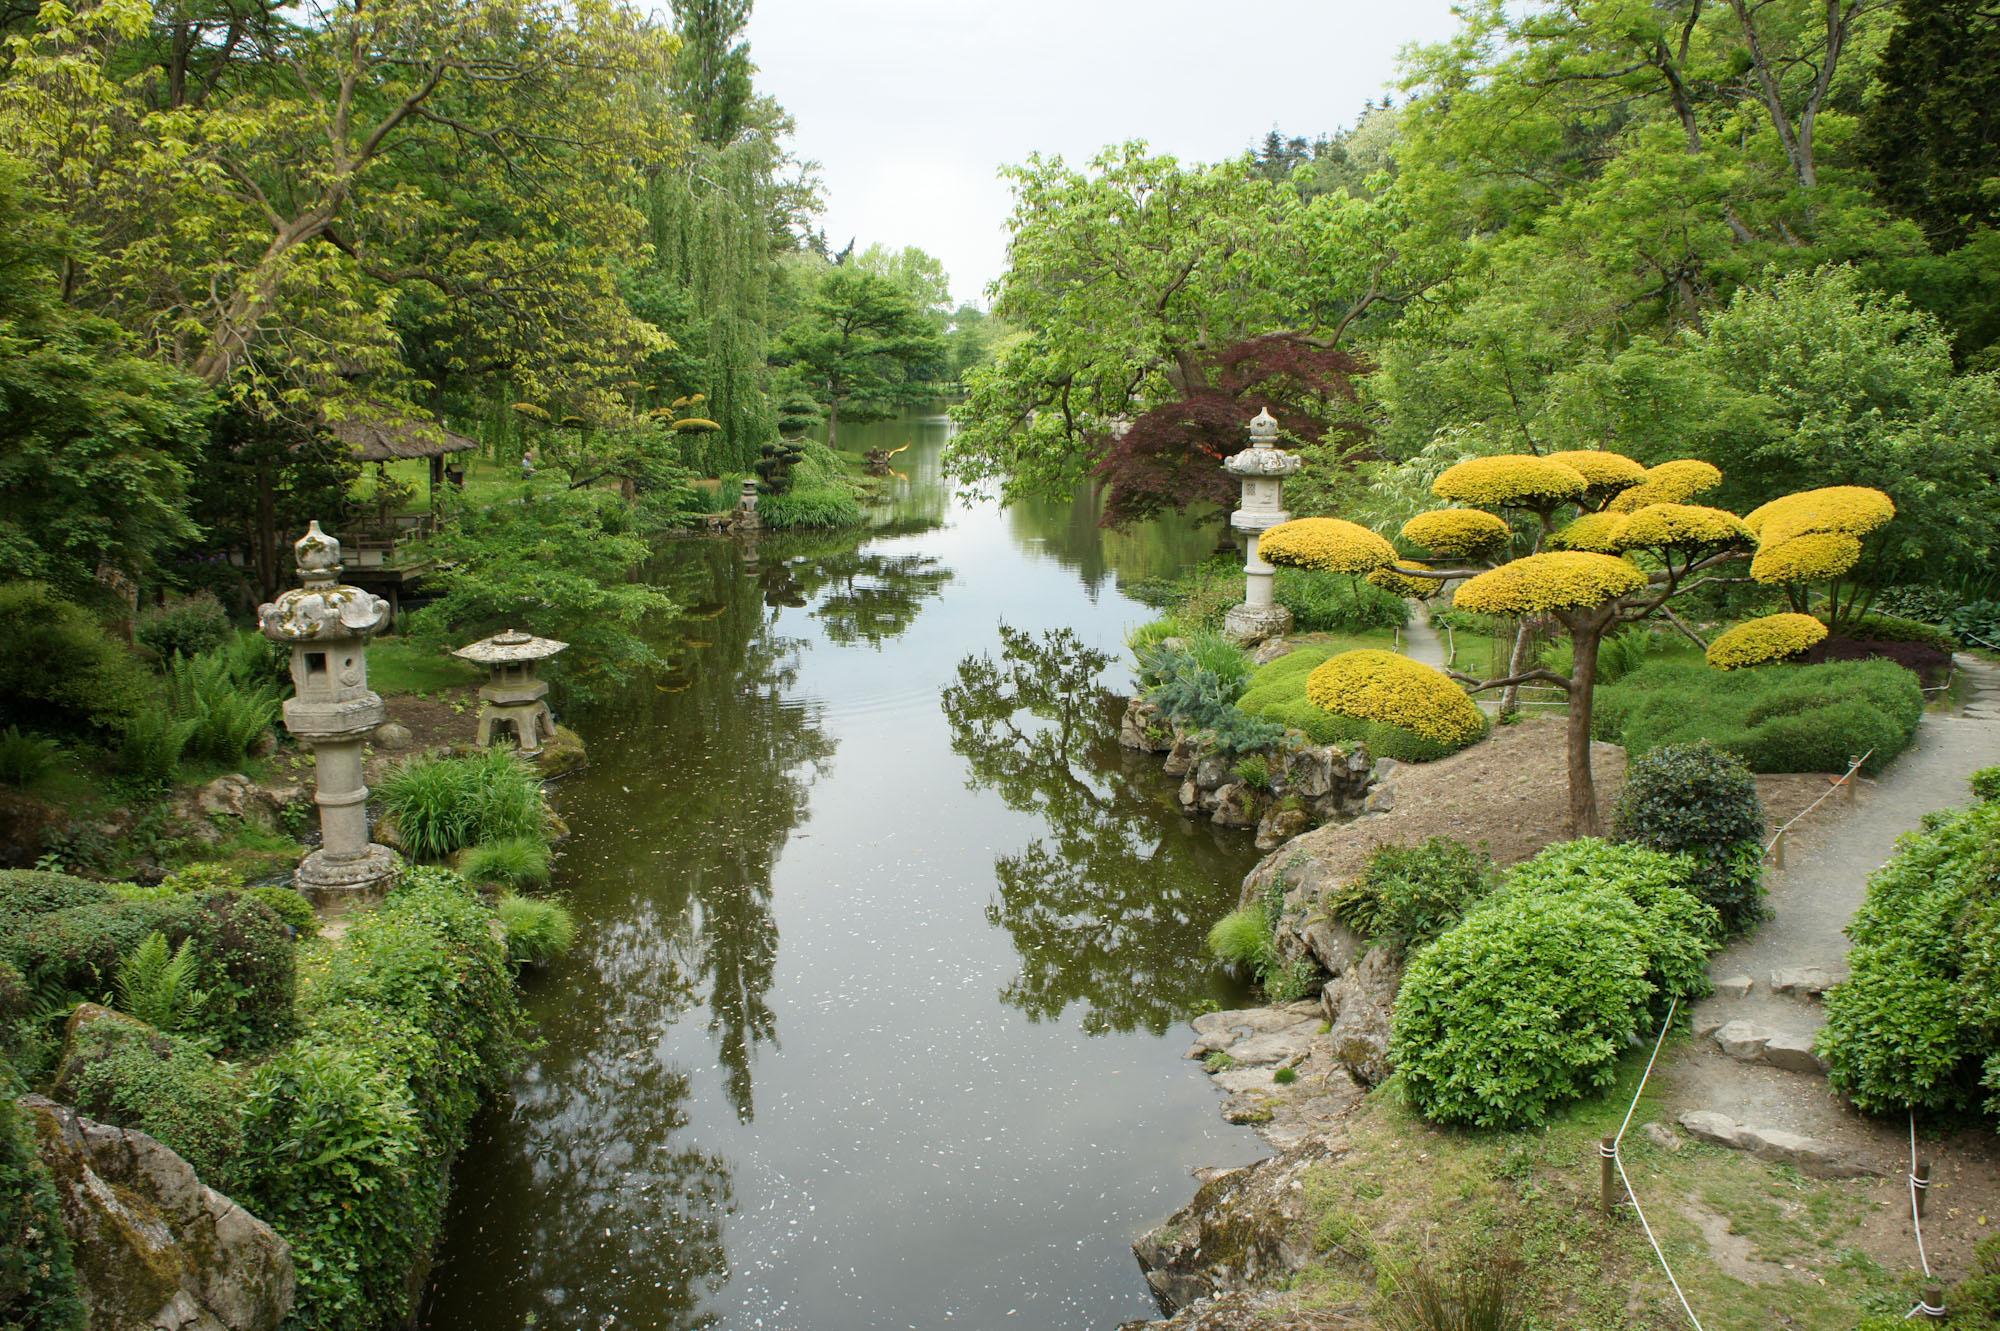 20170917193412 image de jardin japonais for Conception jardin japonais